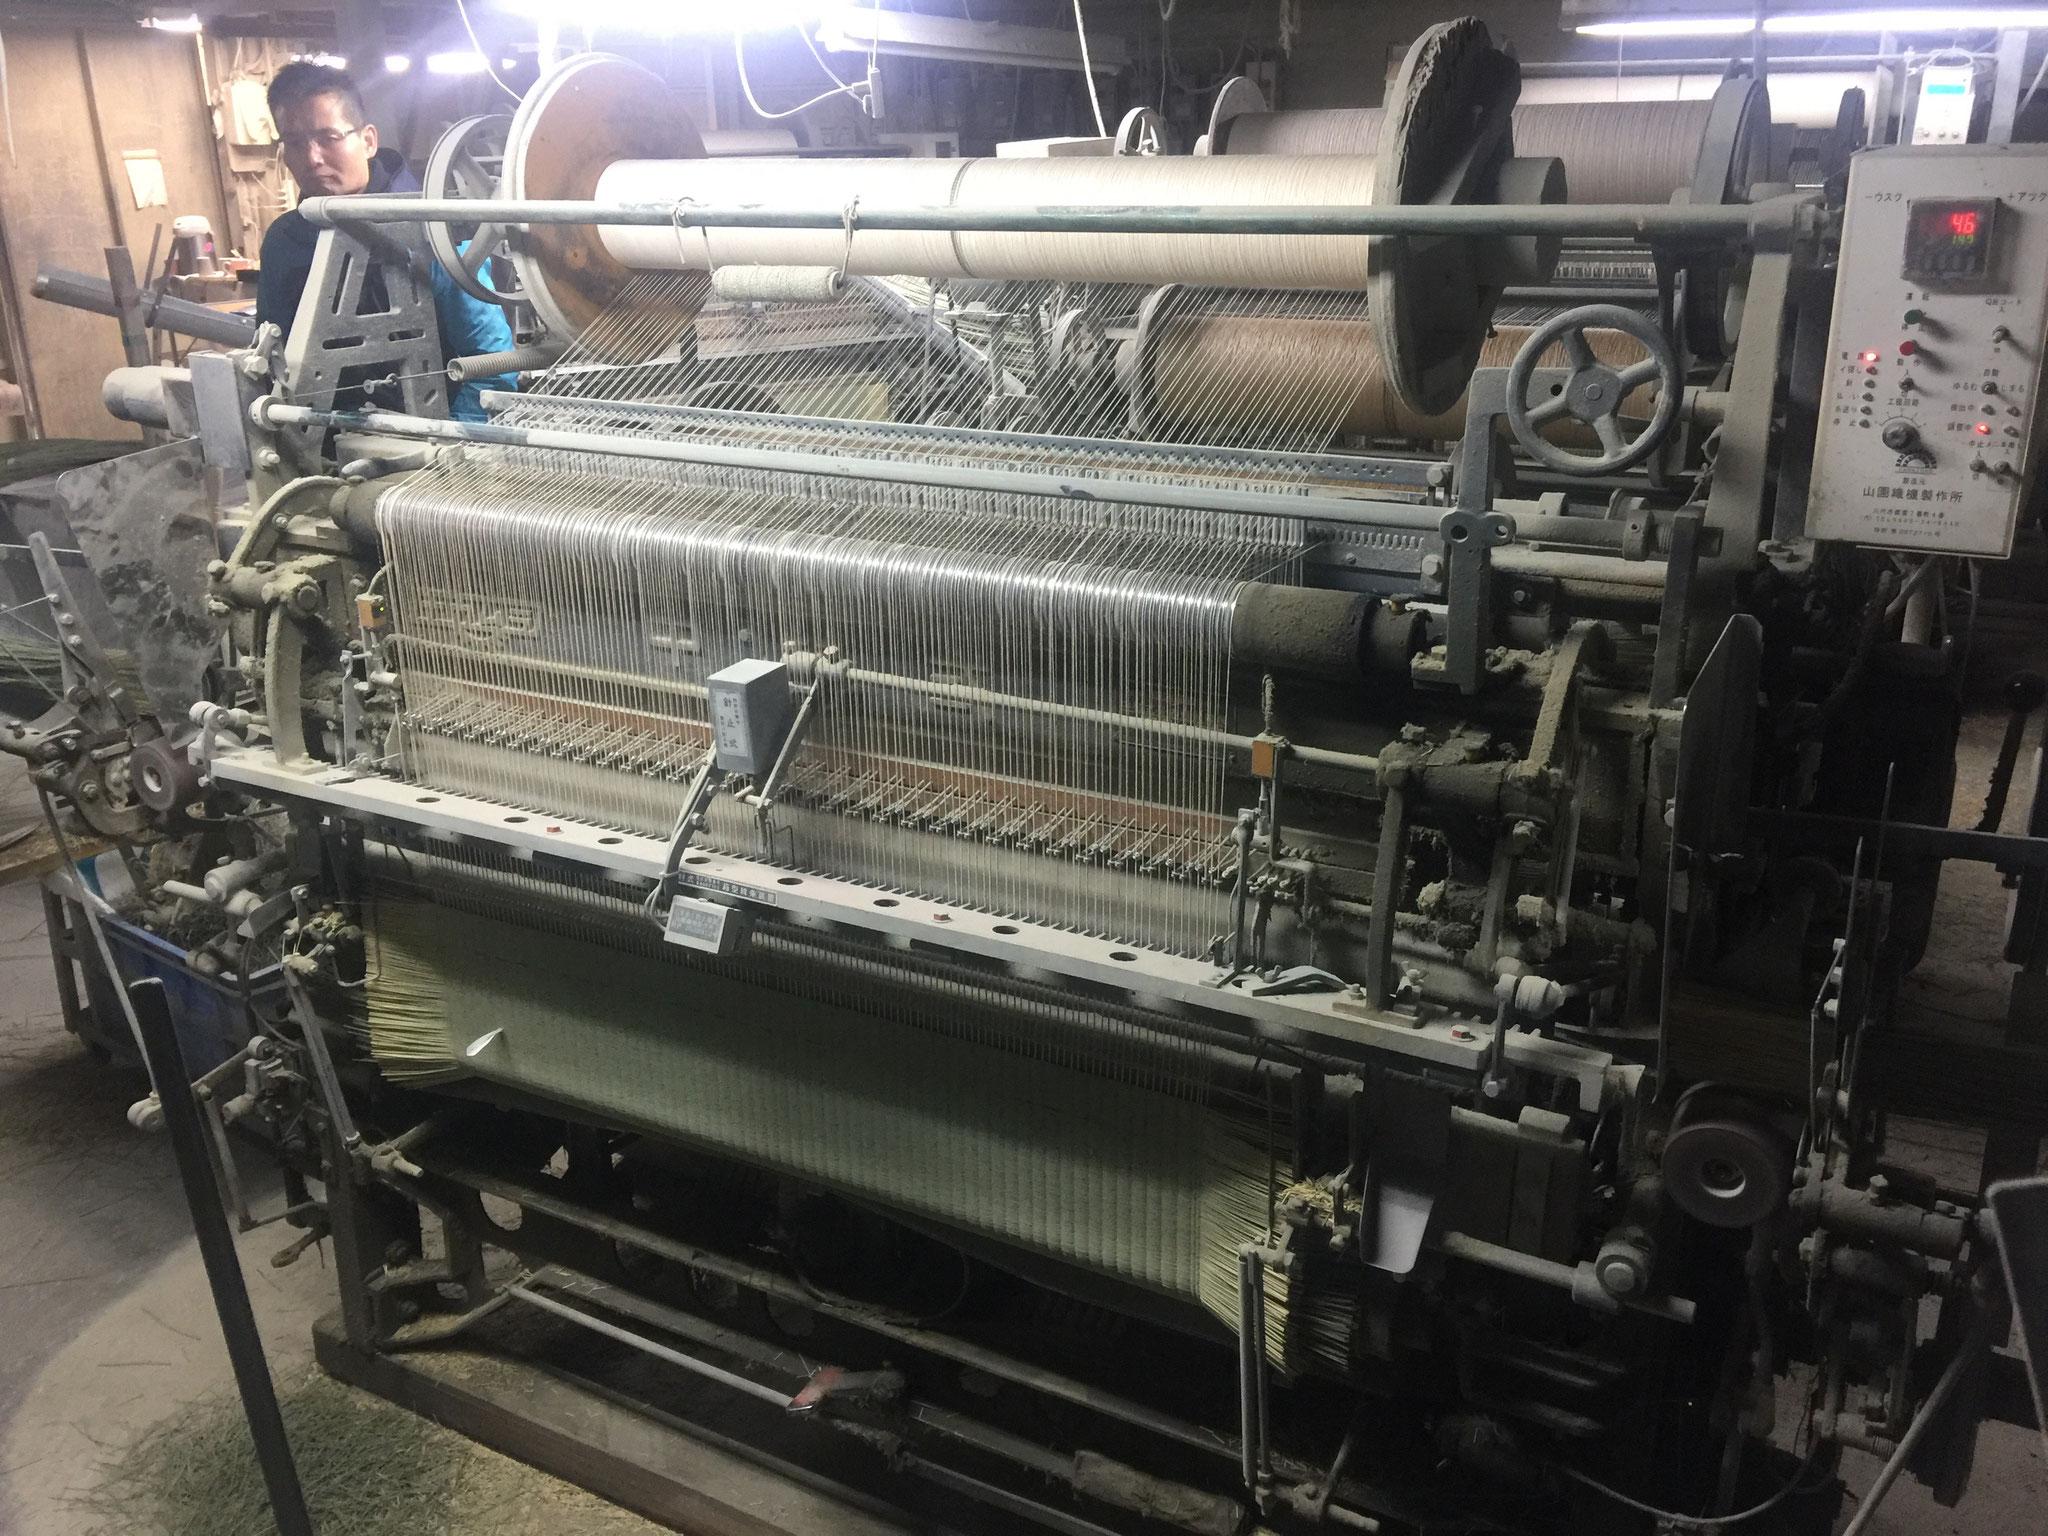 イ草をゴザに織る機械キレイに手入れをしてありました